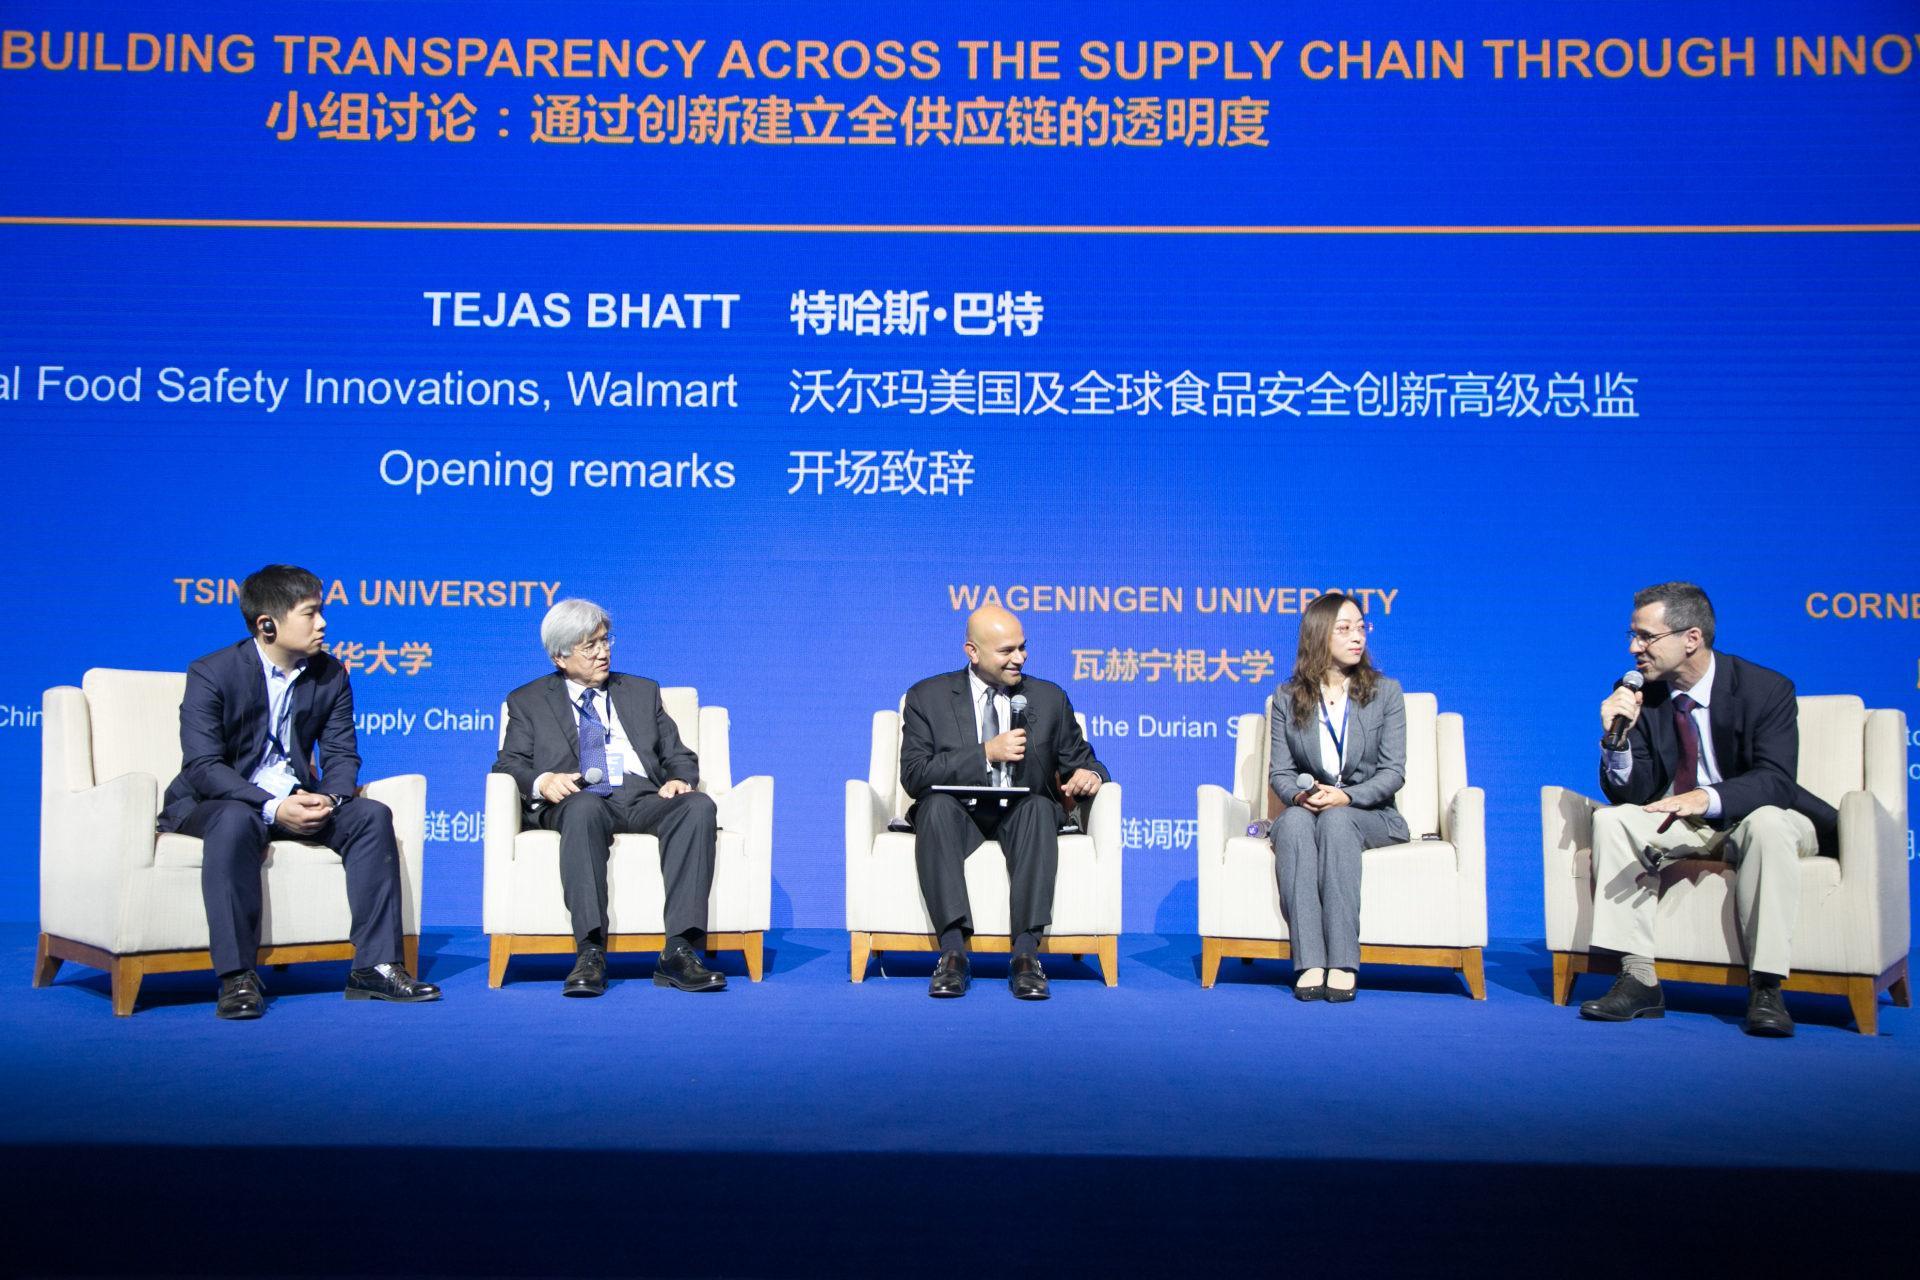 分享最佳实践 实现行业共赢 第二届全球食品安全共治论坛在京举行